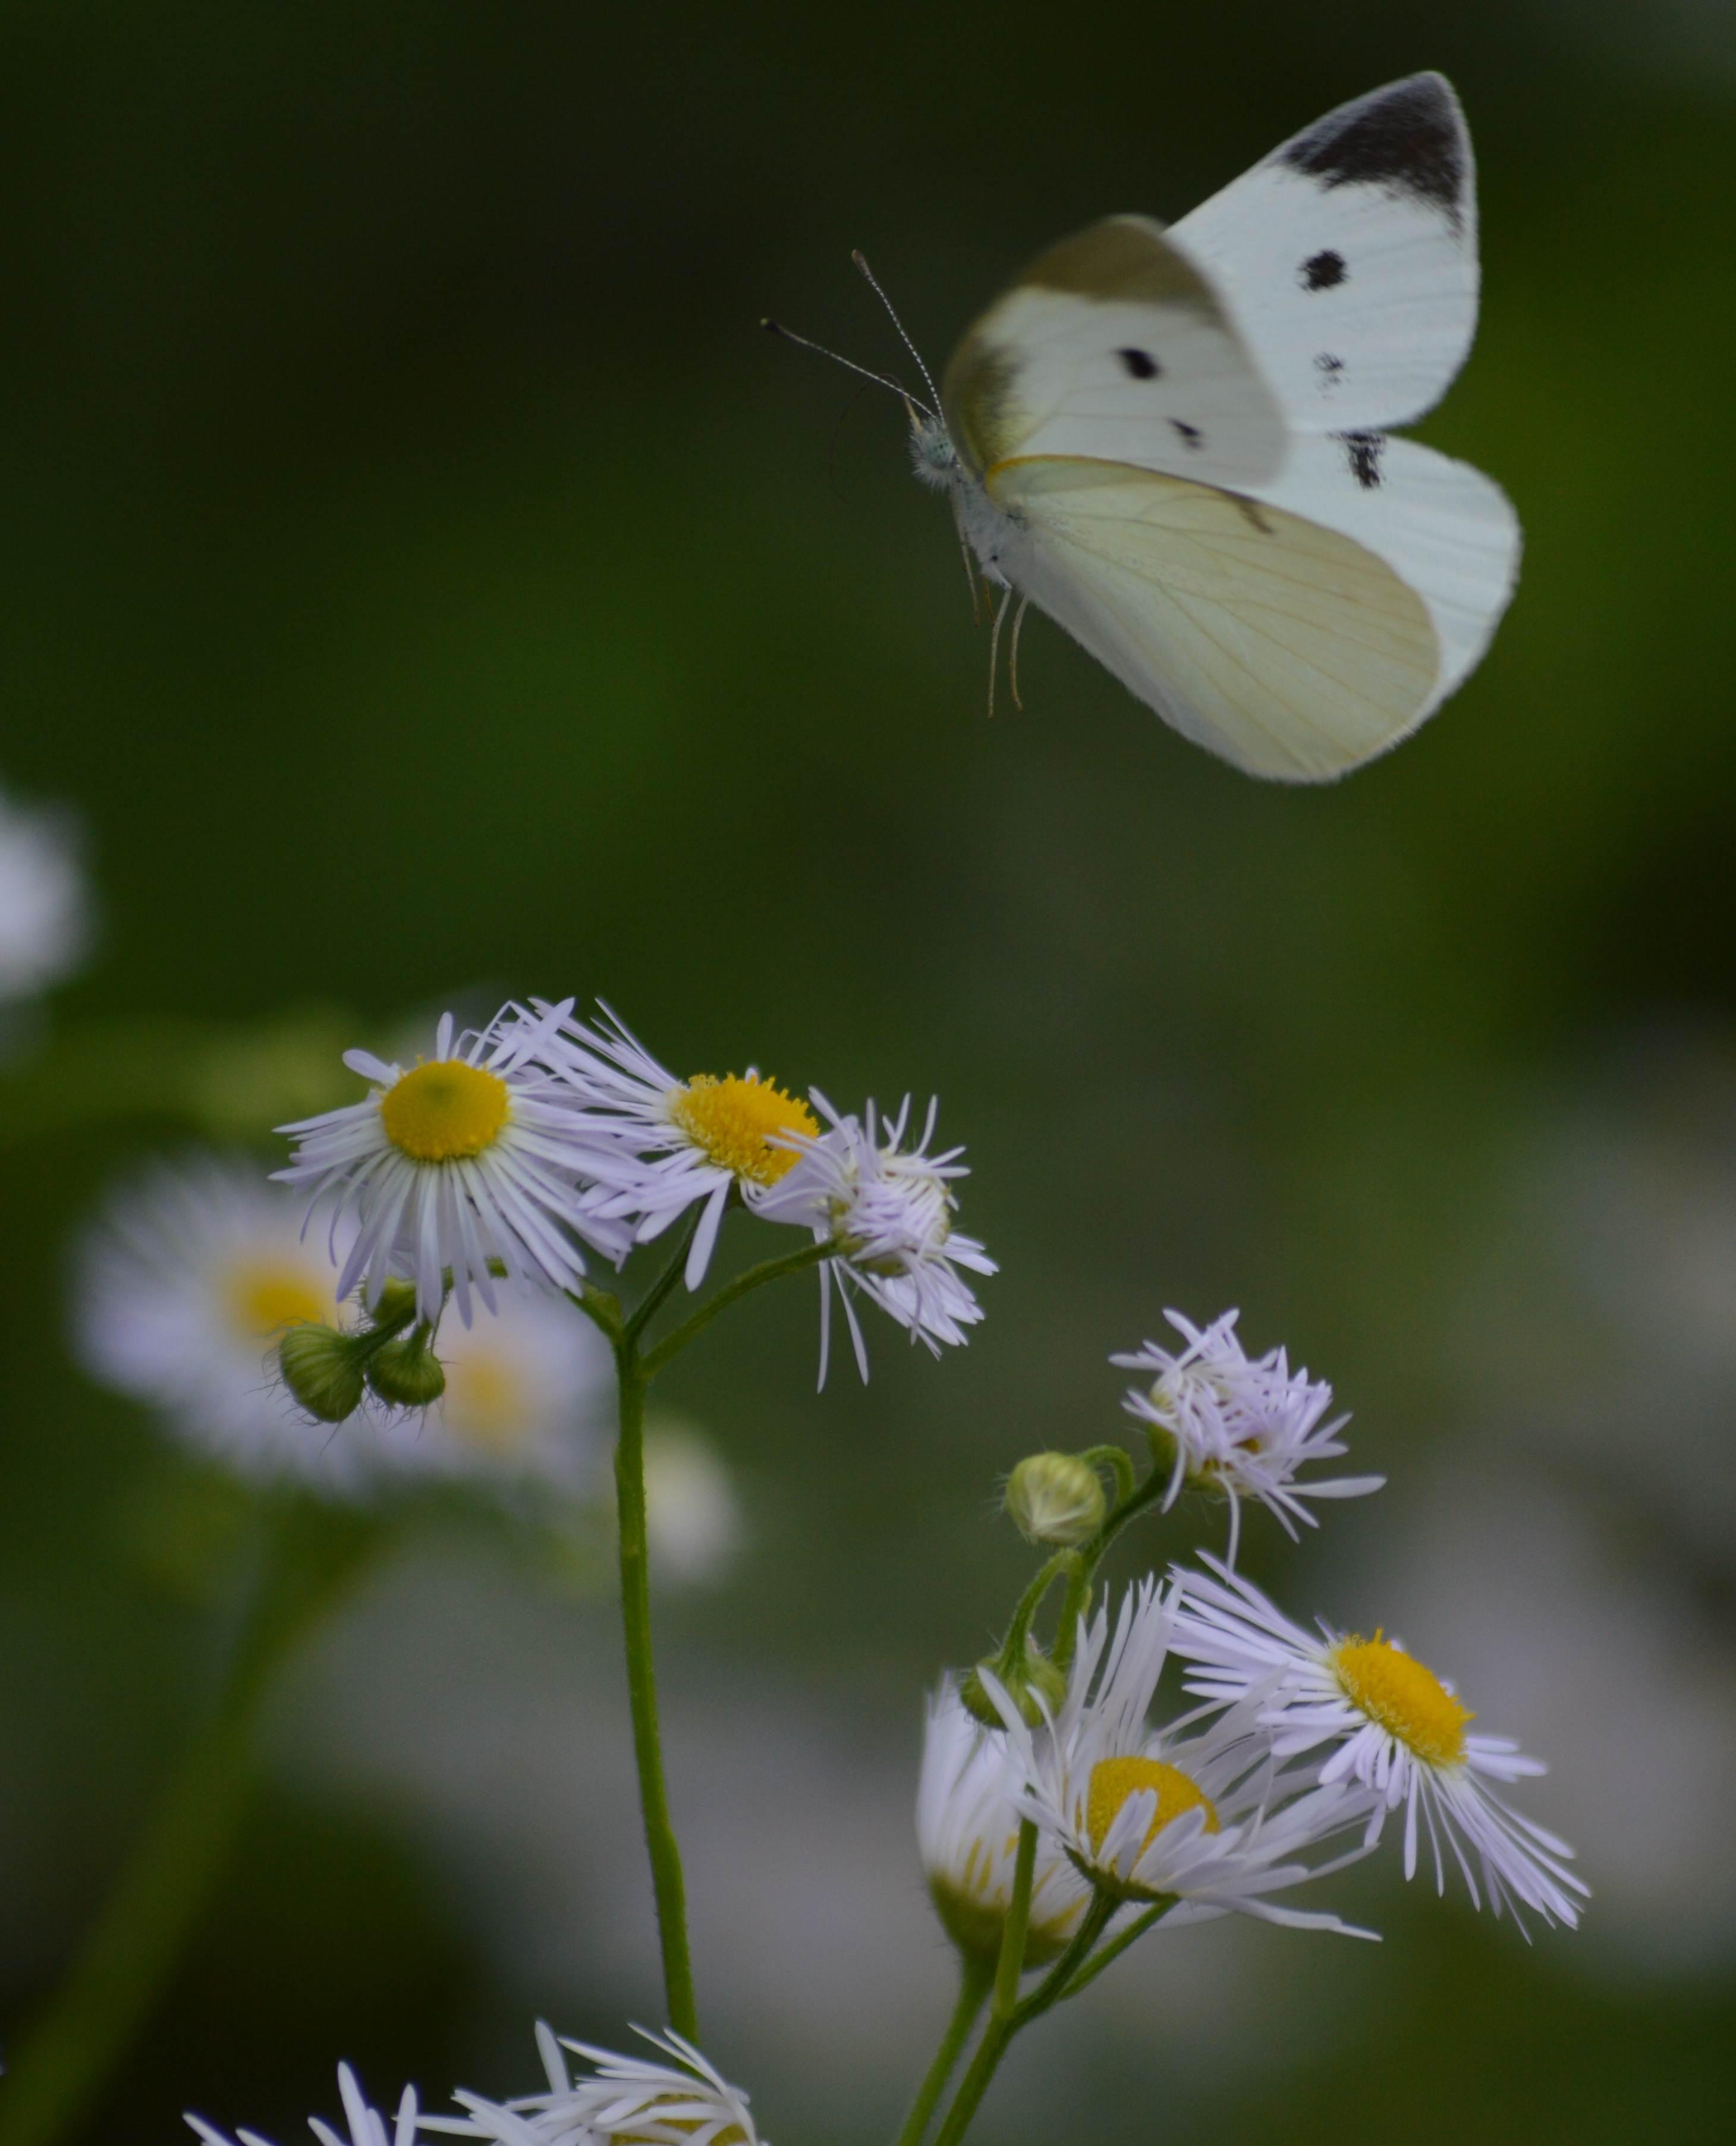 キマダラセセリ 土曜日のその他の蝶達_d0254540_19543486.jpg